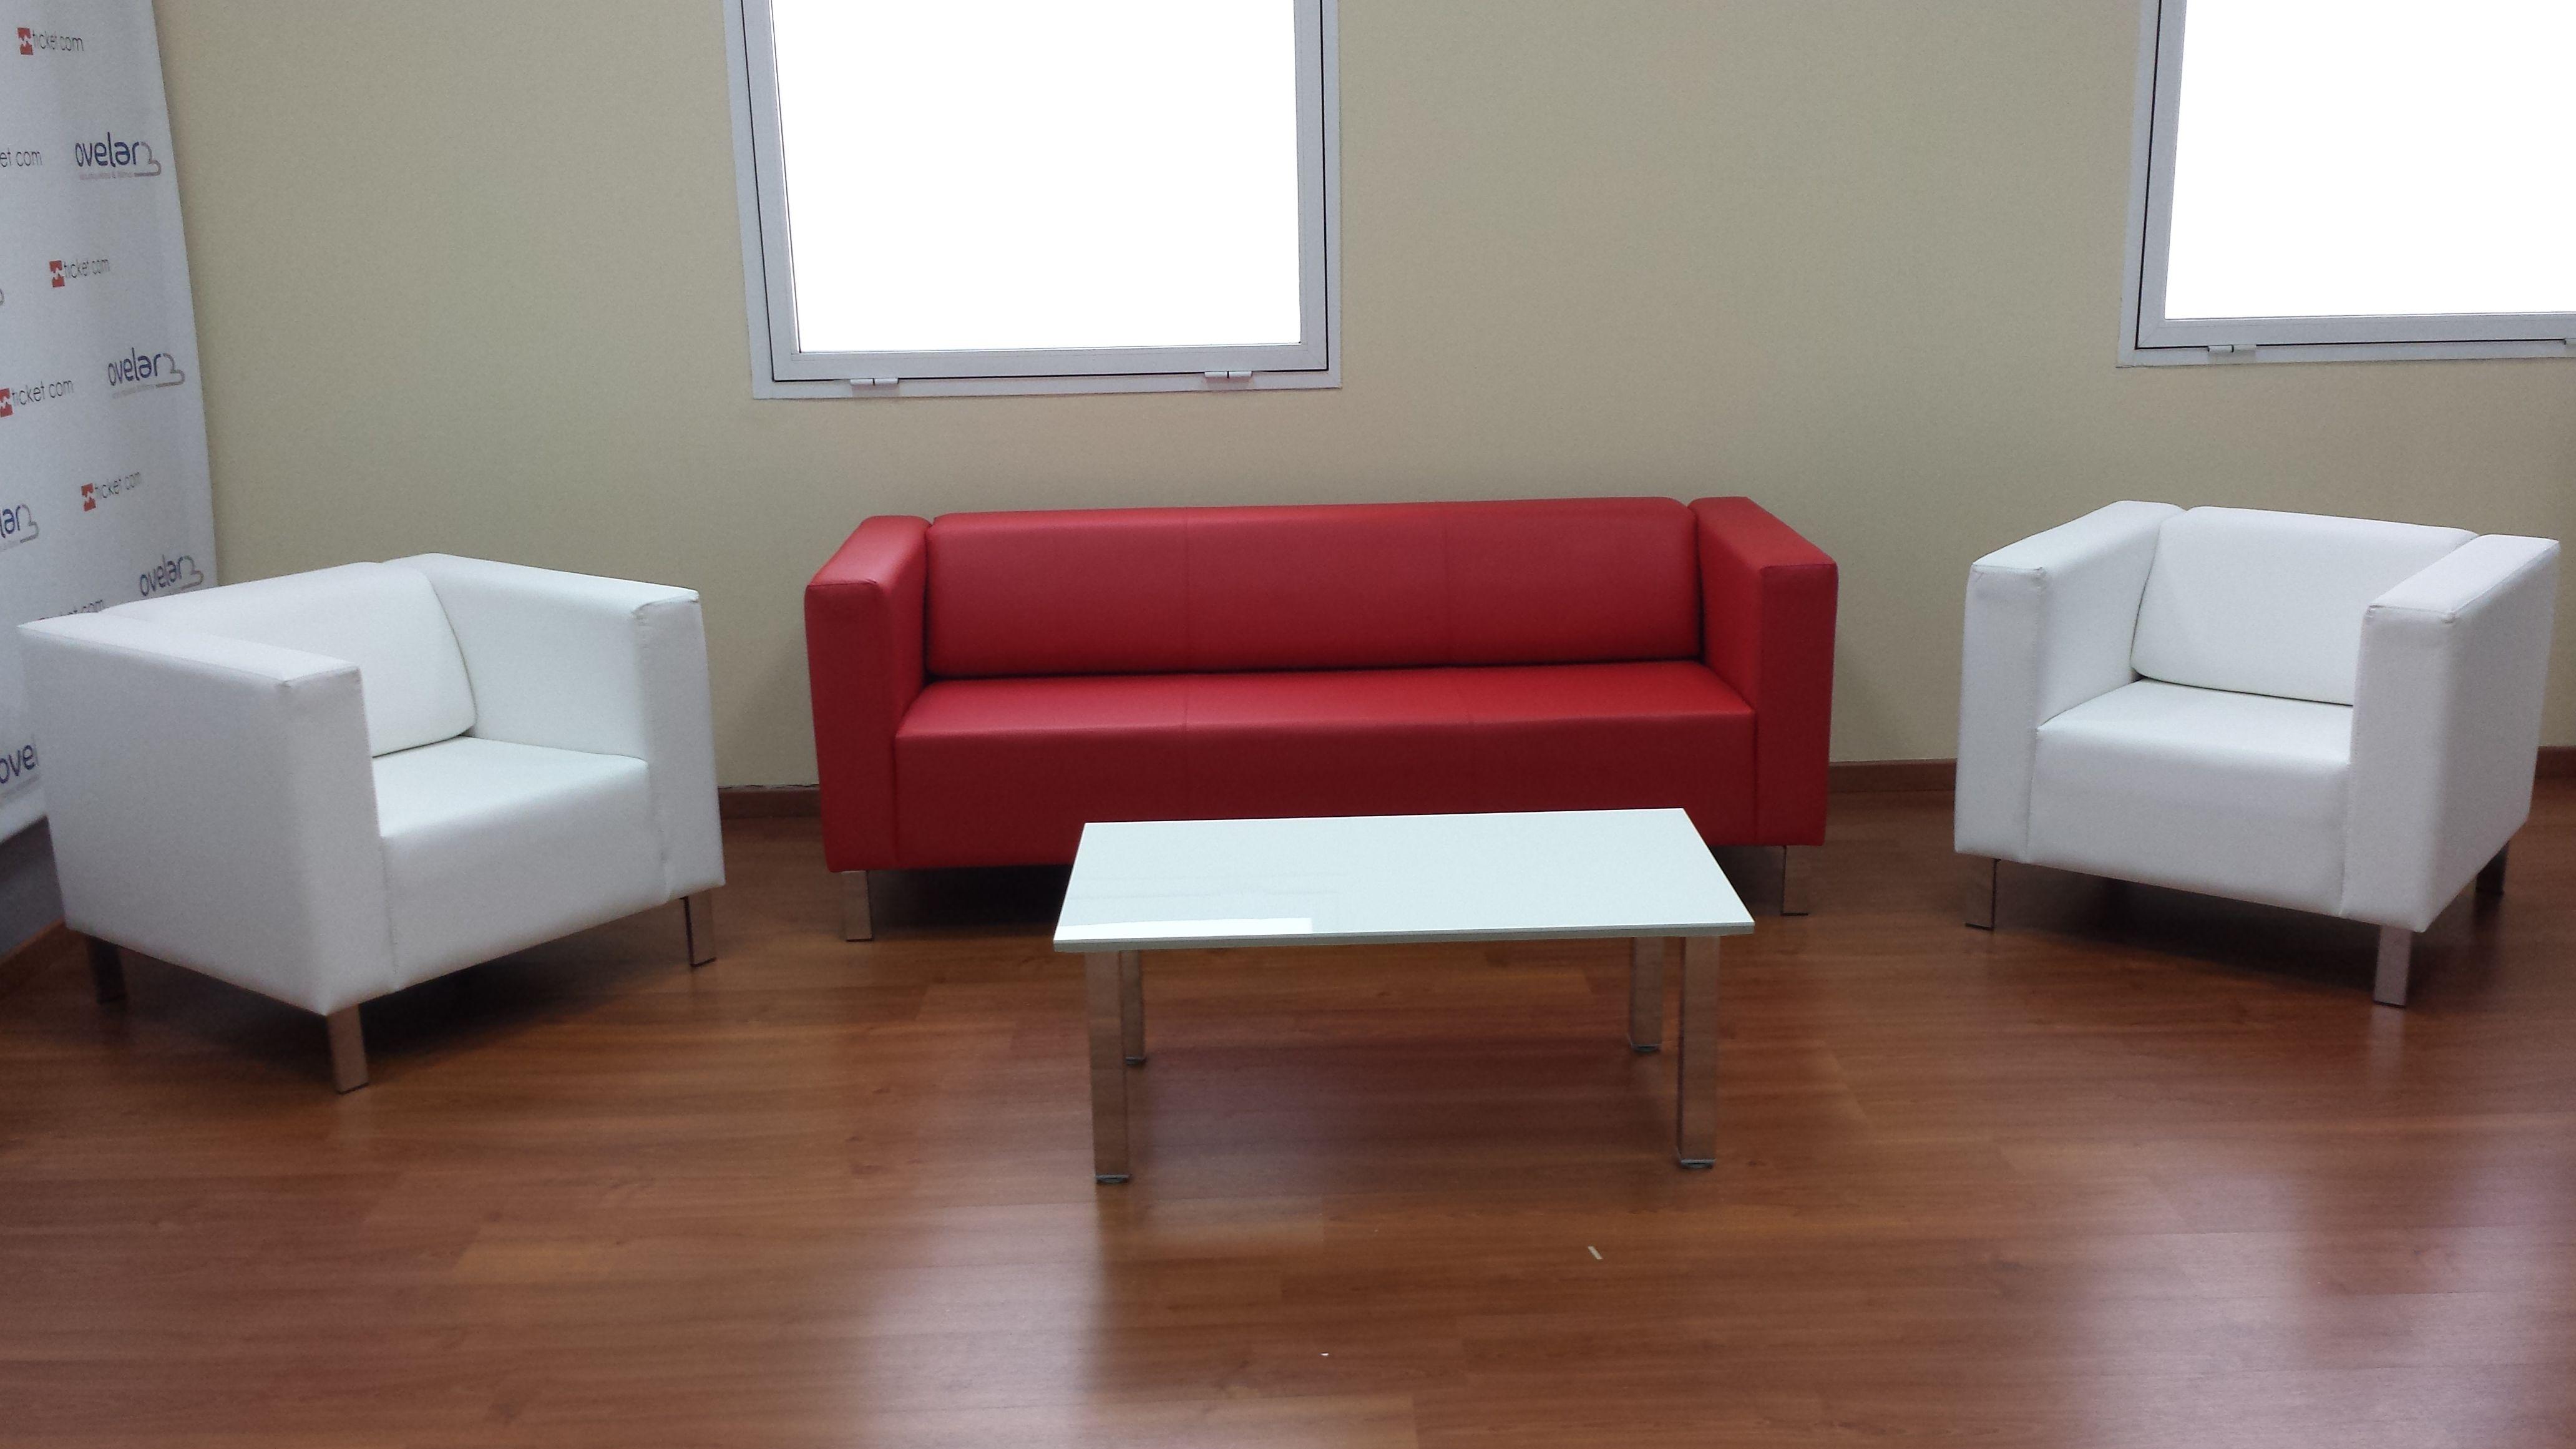 Equipamiento para salas de espera y recepciones